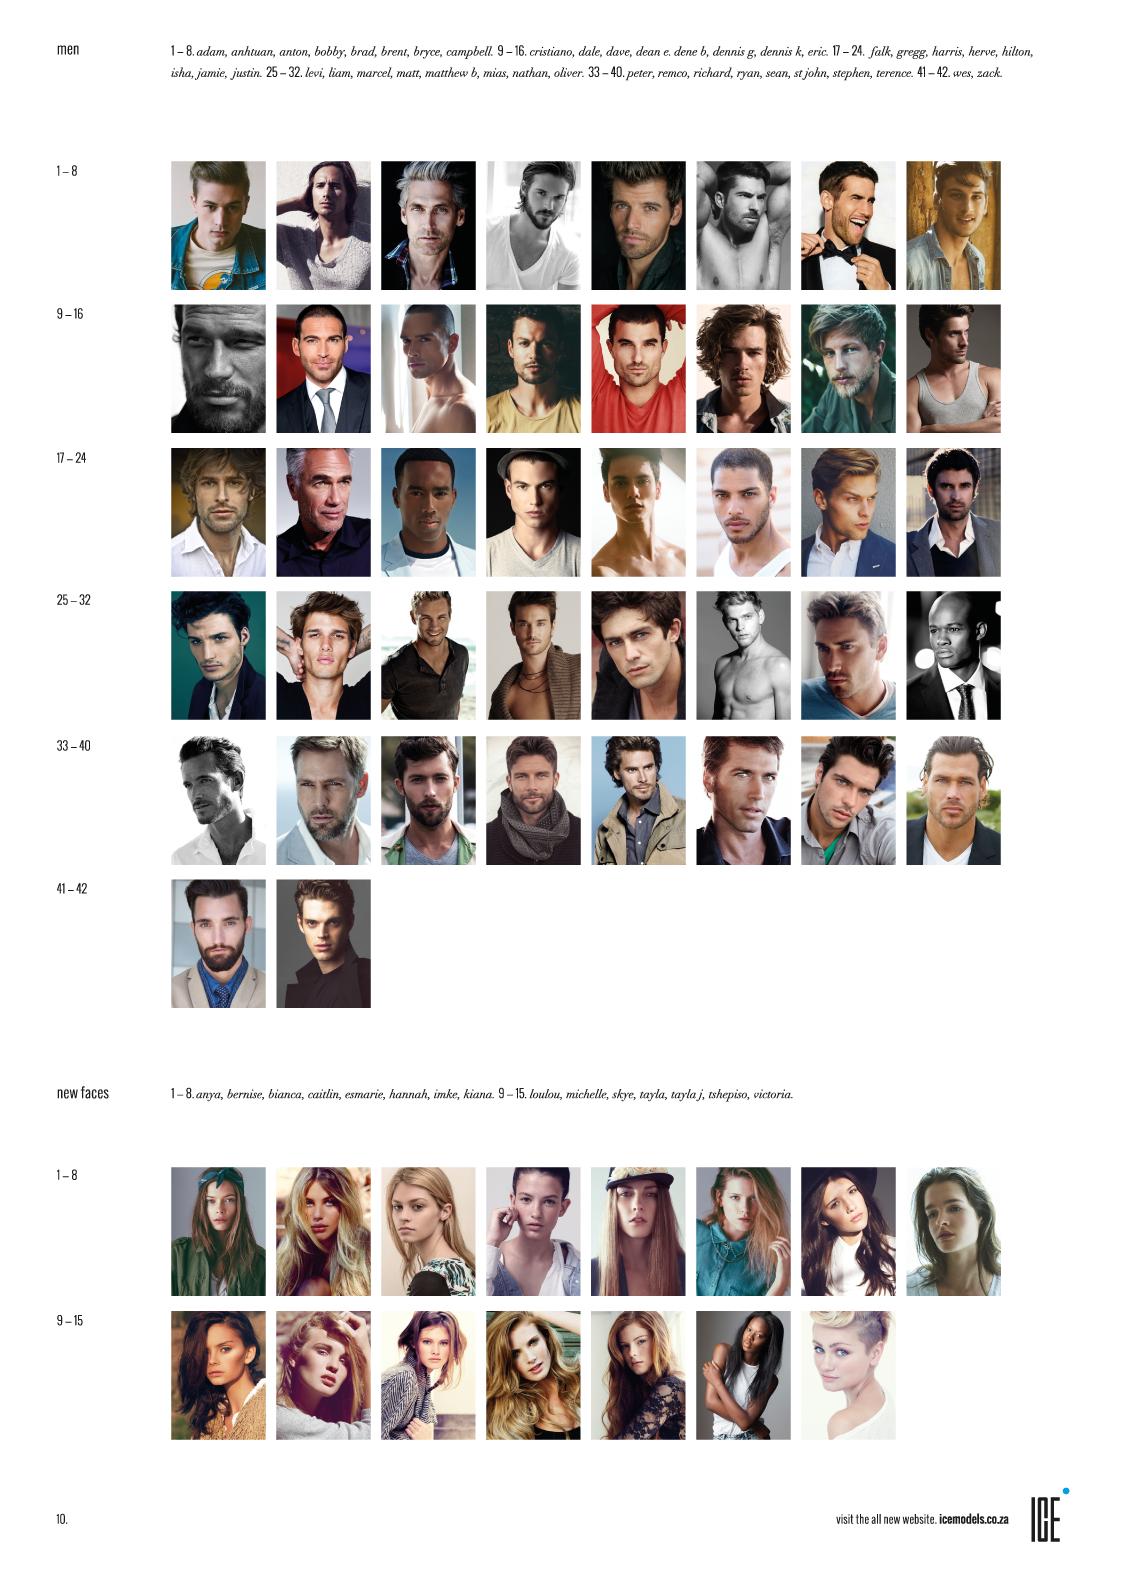 ALL_PAGES-Portrait_c2p-11.png